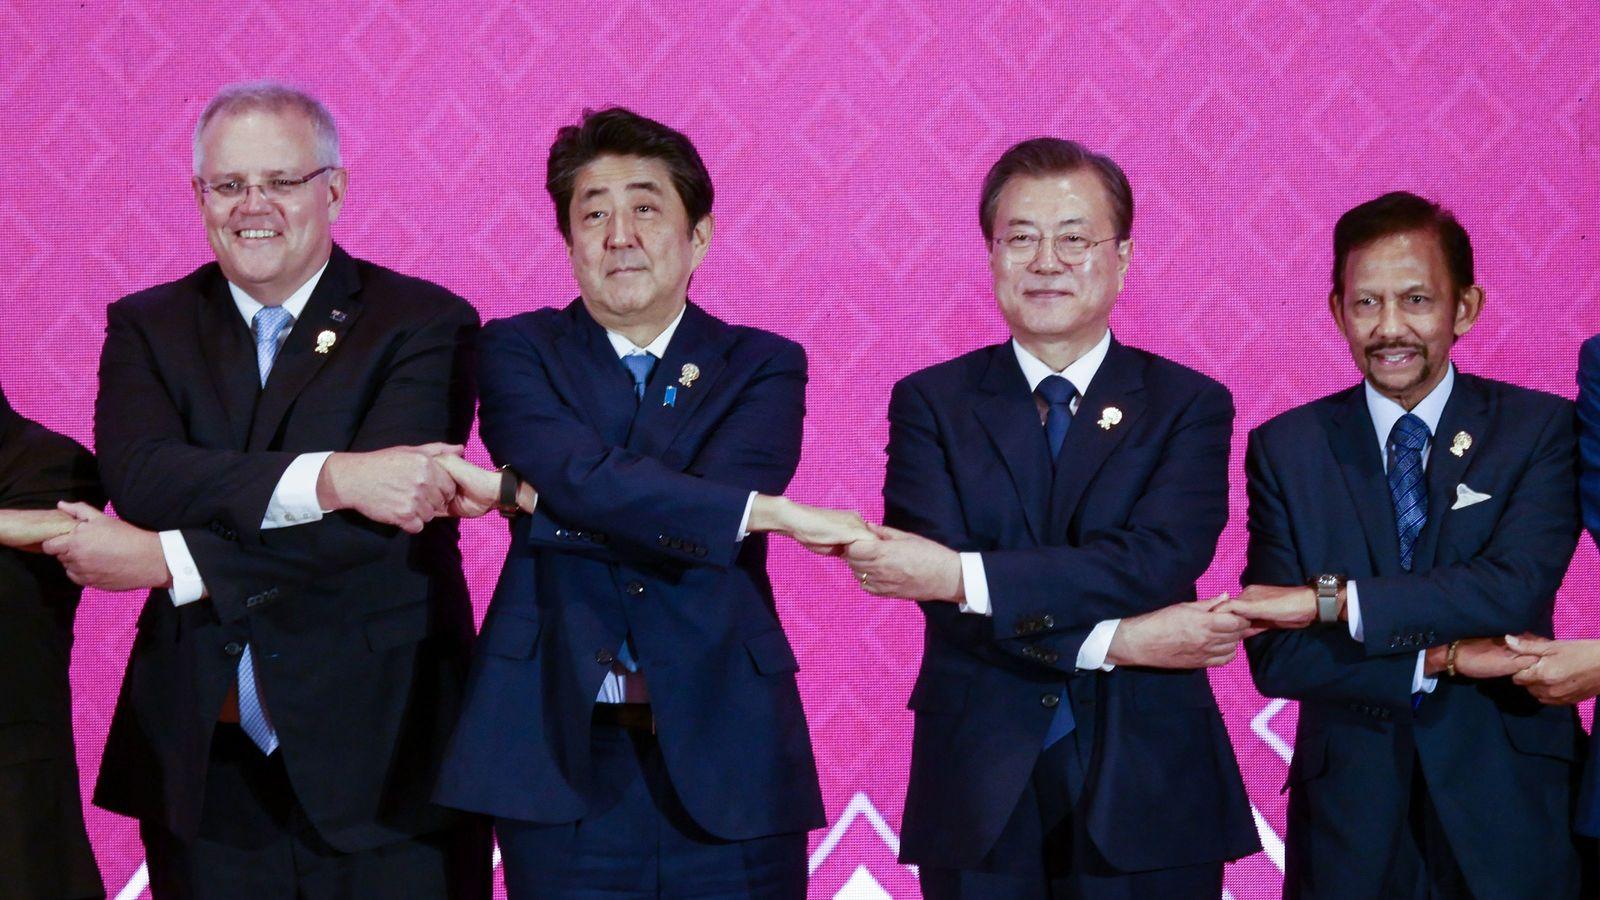 ついに日本に歩み寄ってきた文在寅政権の本音 軍事協定の継続求めアメリカも圧力